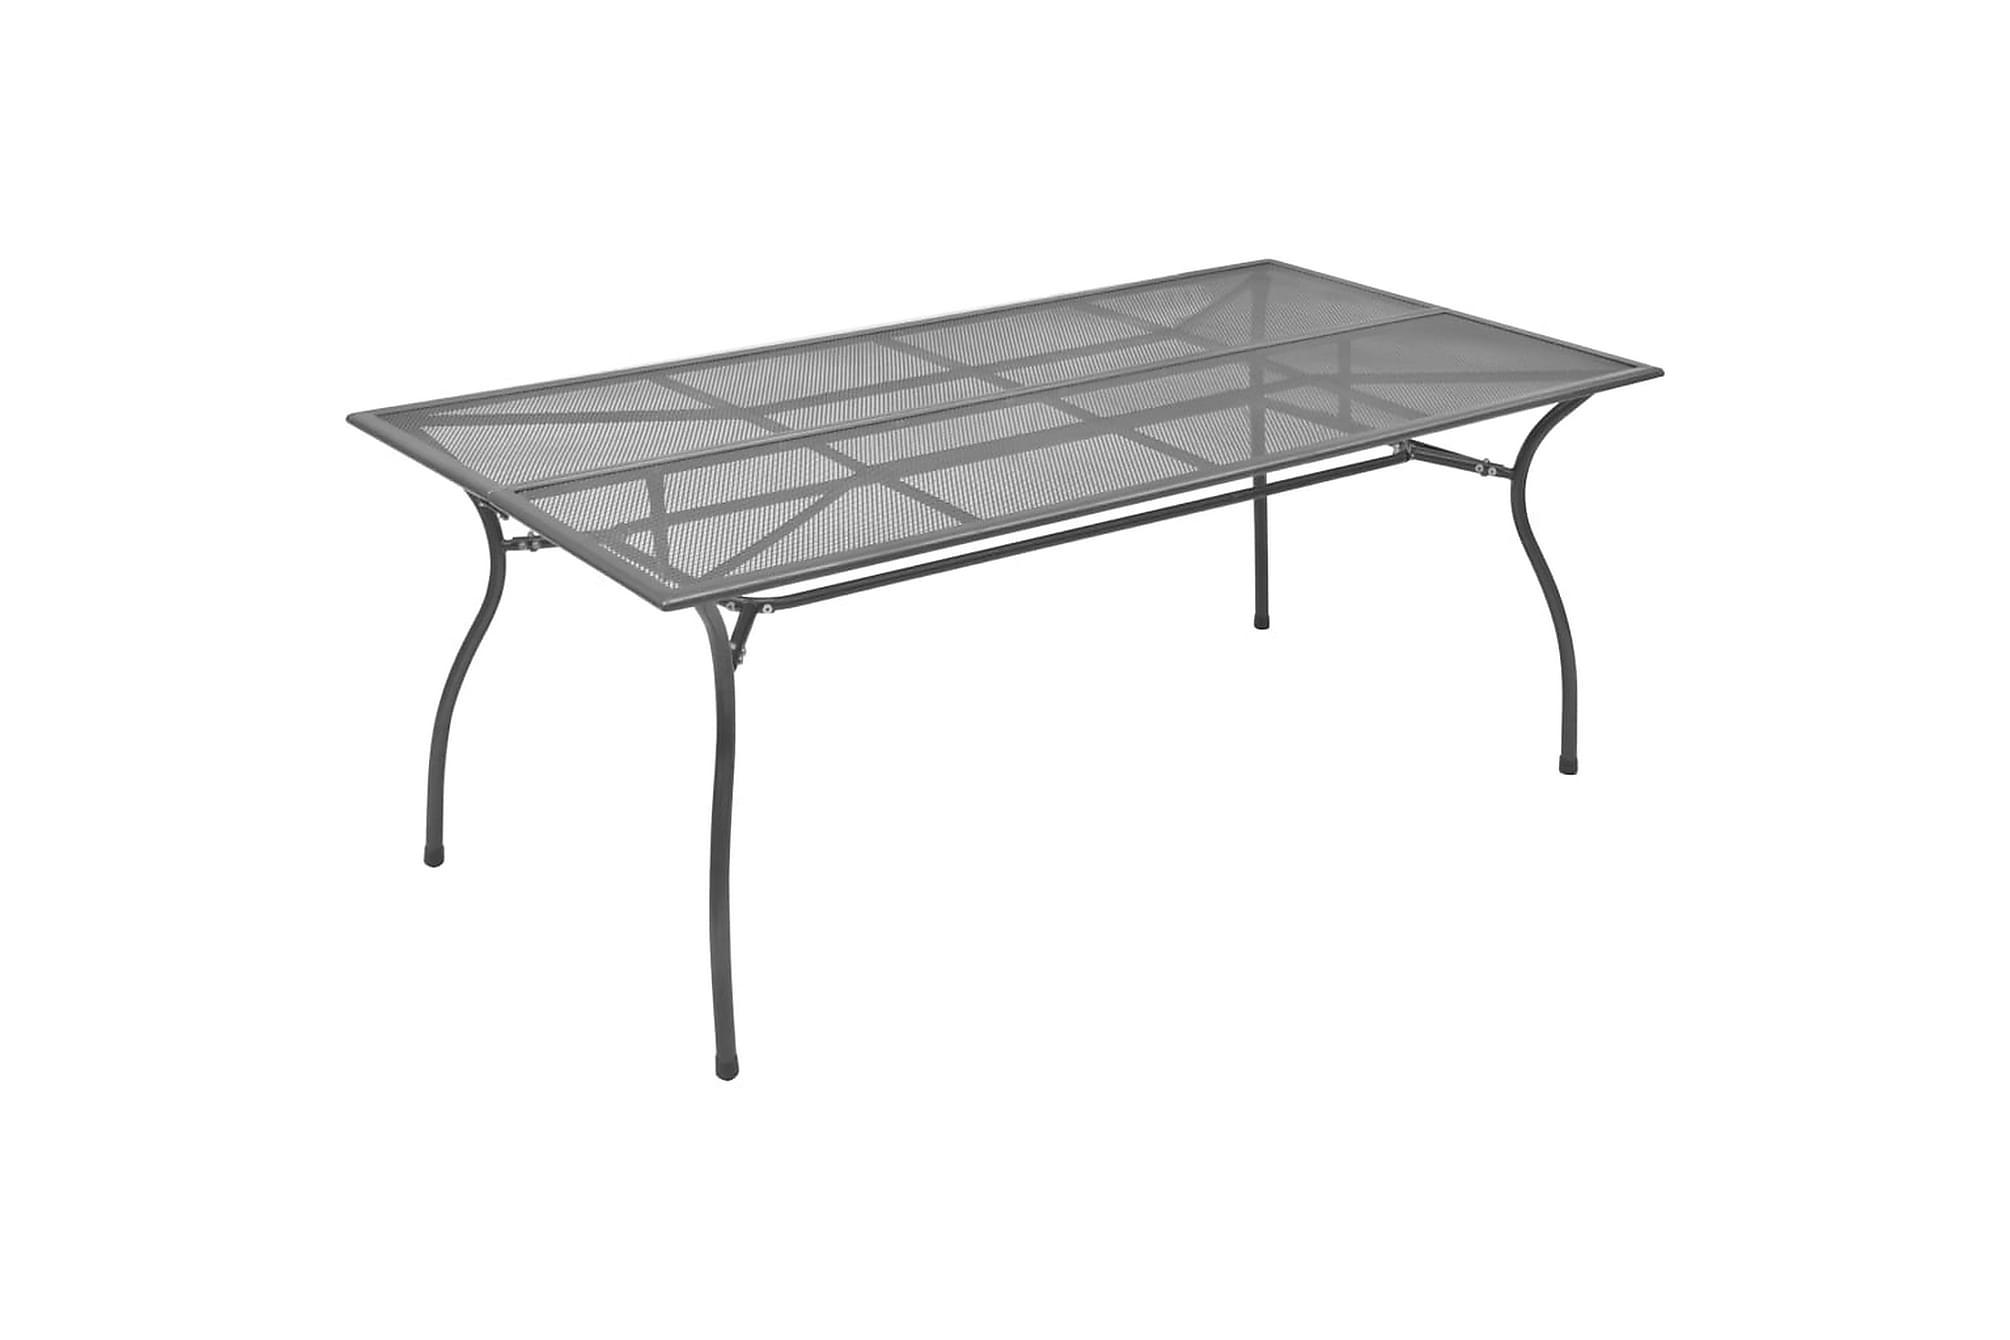 Trädgårdsbord antracit 180x83x72 cm stålnät